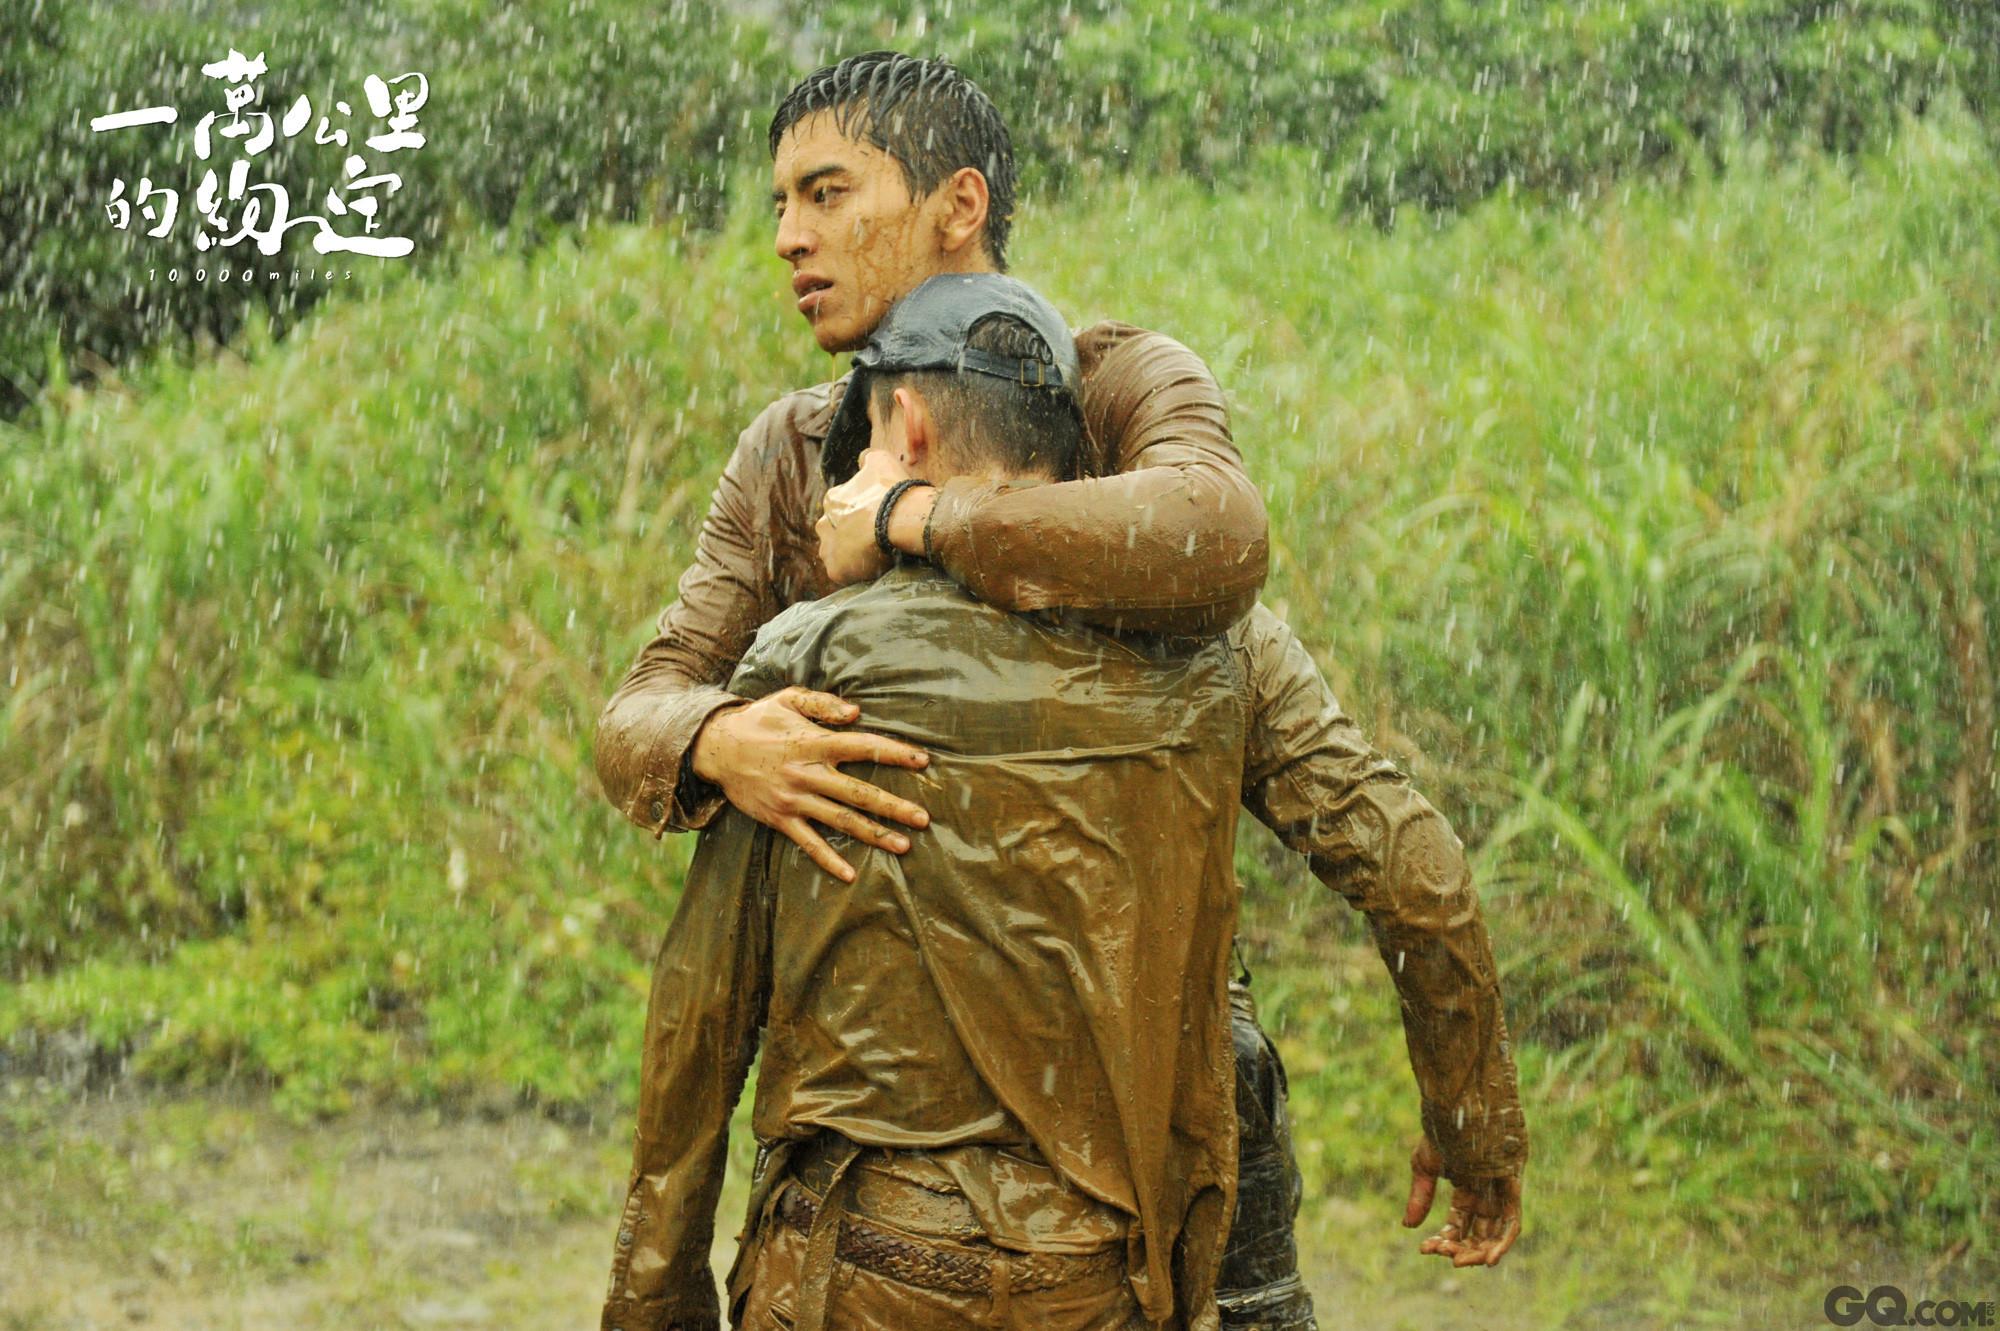 在新片《一万公里的约定》中,王大陆是总为弟弟挡下麻烦的温柔哥哥,和之前他所演绎的校霸徐太宇完全相反。